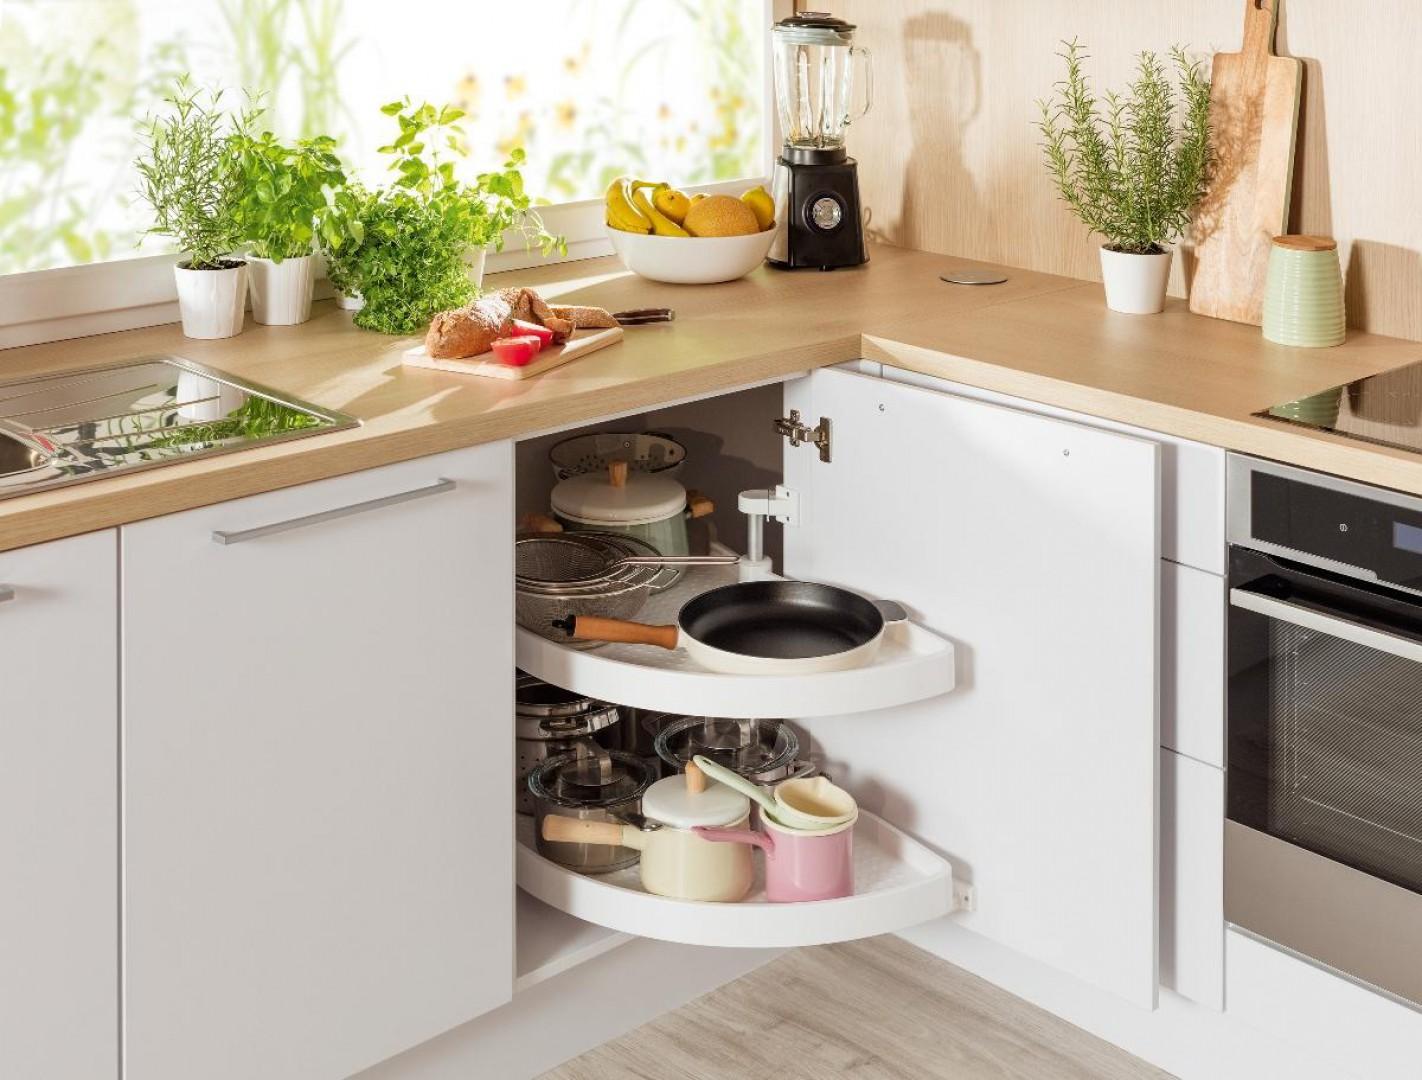 Urządzamy Mała Kuchnia Sposoby Na Dodatkową Przestrzeń